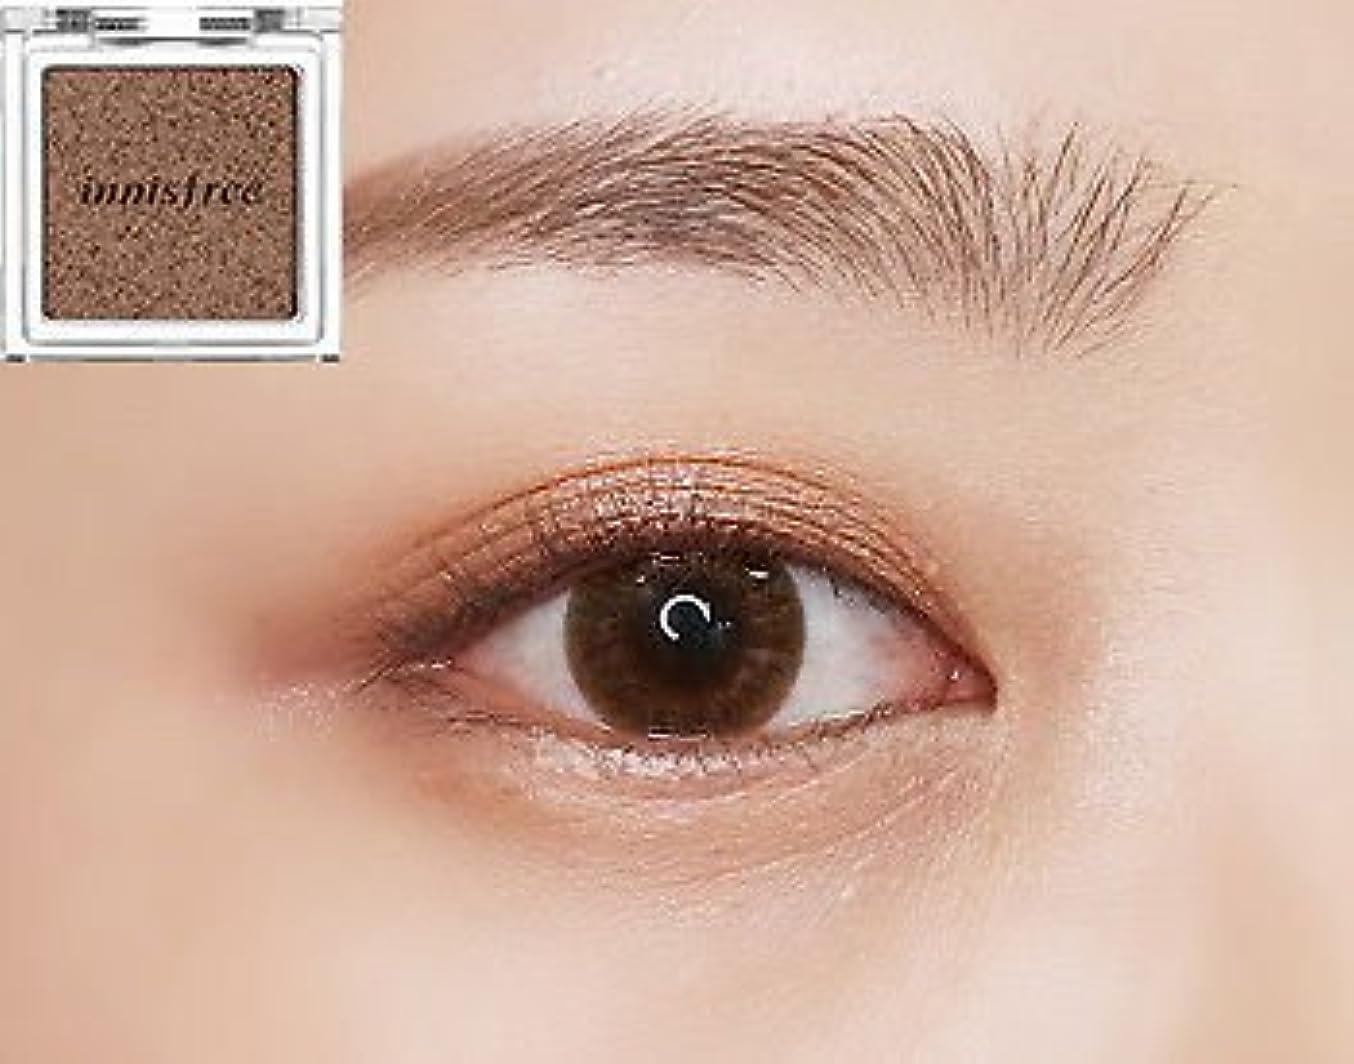 スカープ酸デコードする[イニスフリー] innisfree [マイ パレット マイ アイシャドウ (グリッタ一) 20カラー] MY PALETTE My Eyeshadow (Glitter) 20 Shades [海外直送品] (グリッタ...